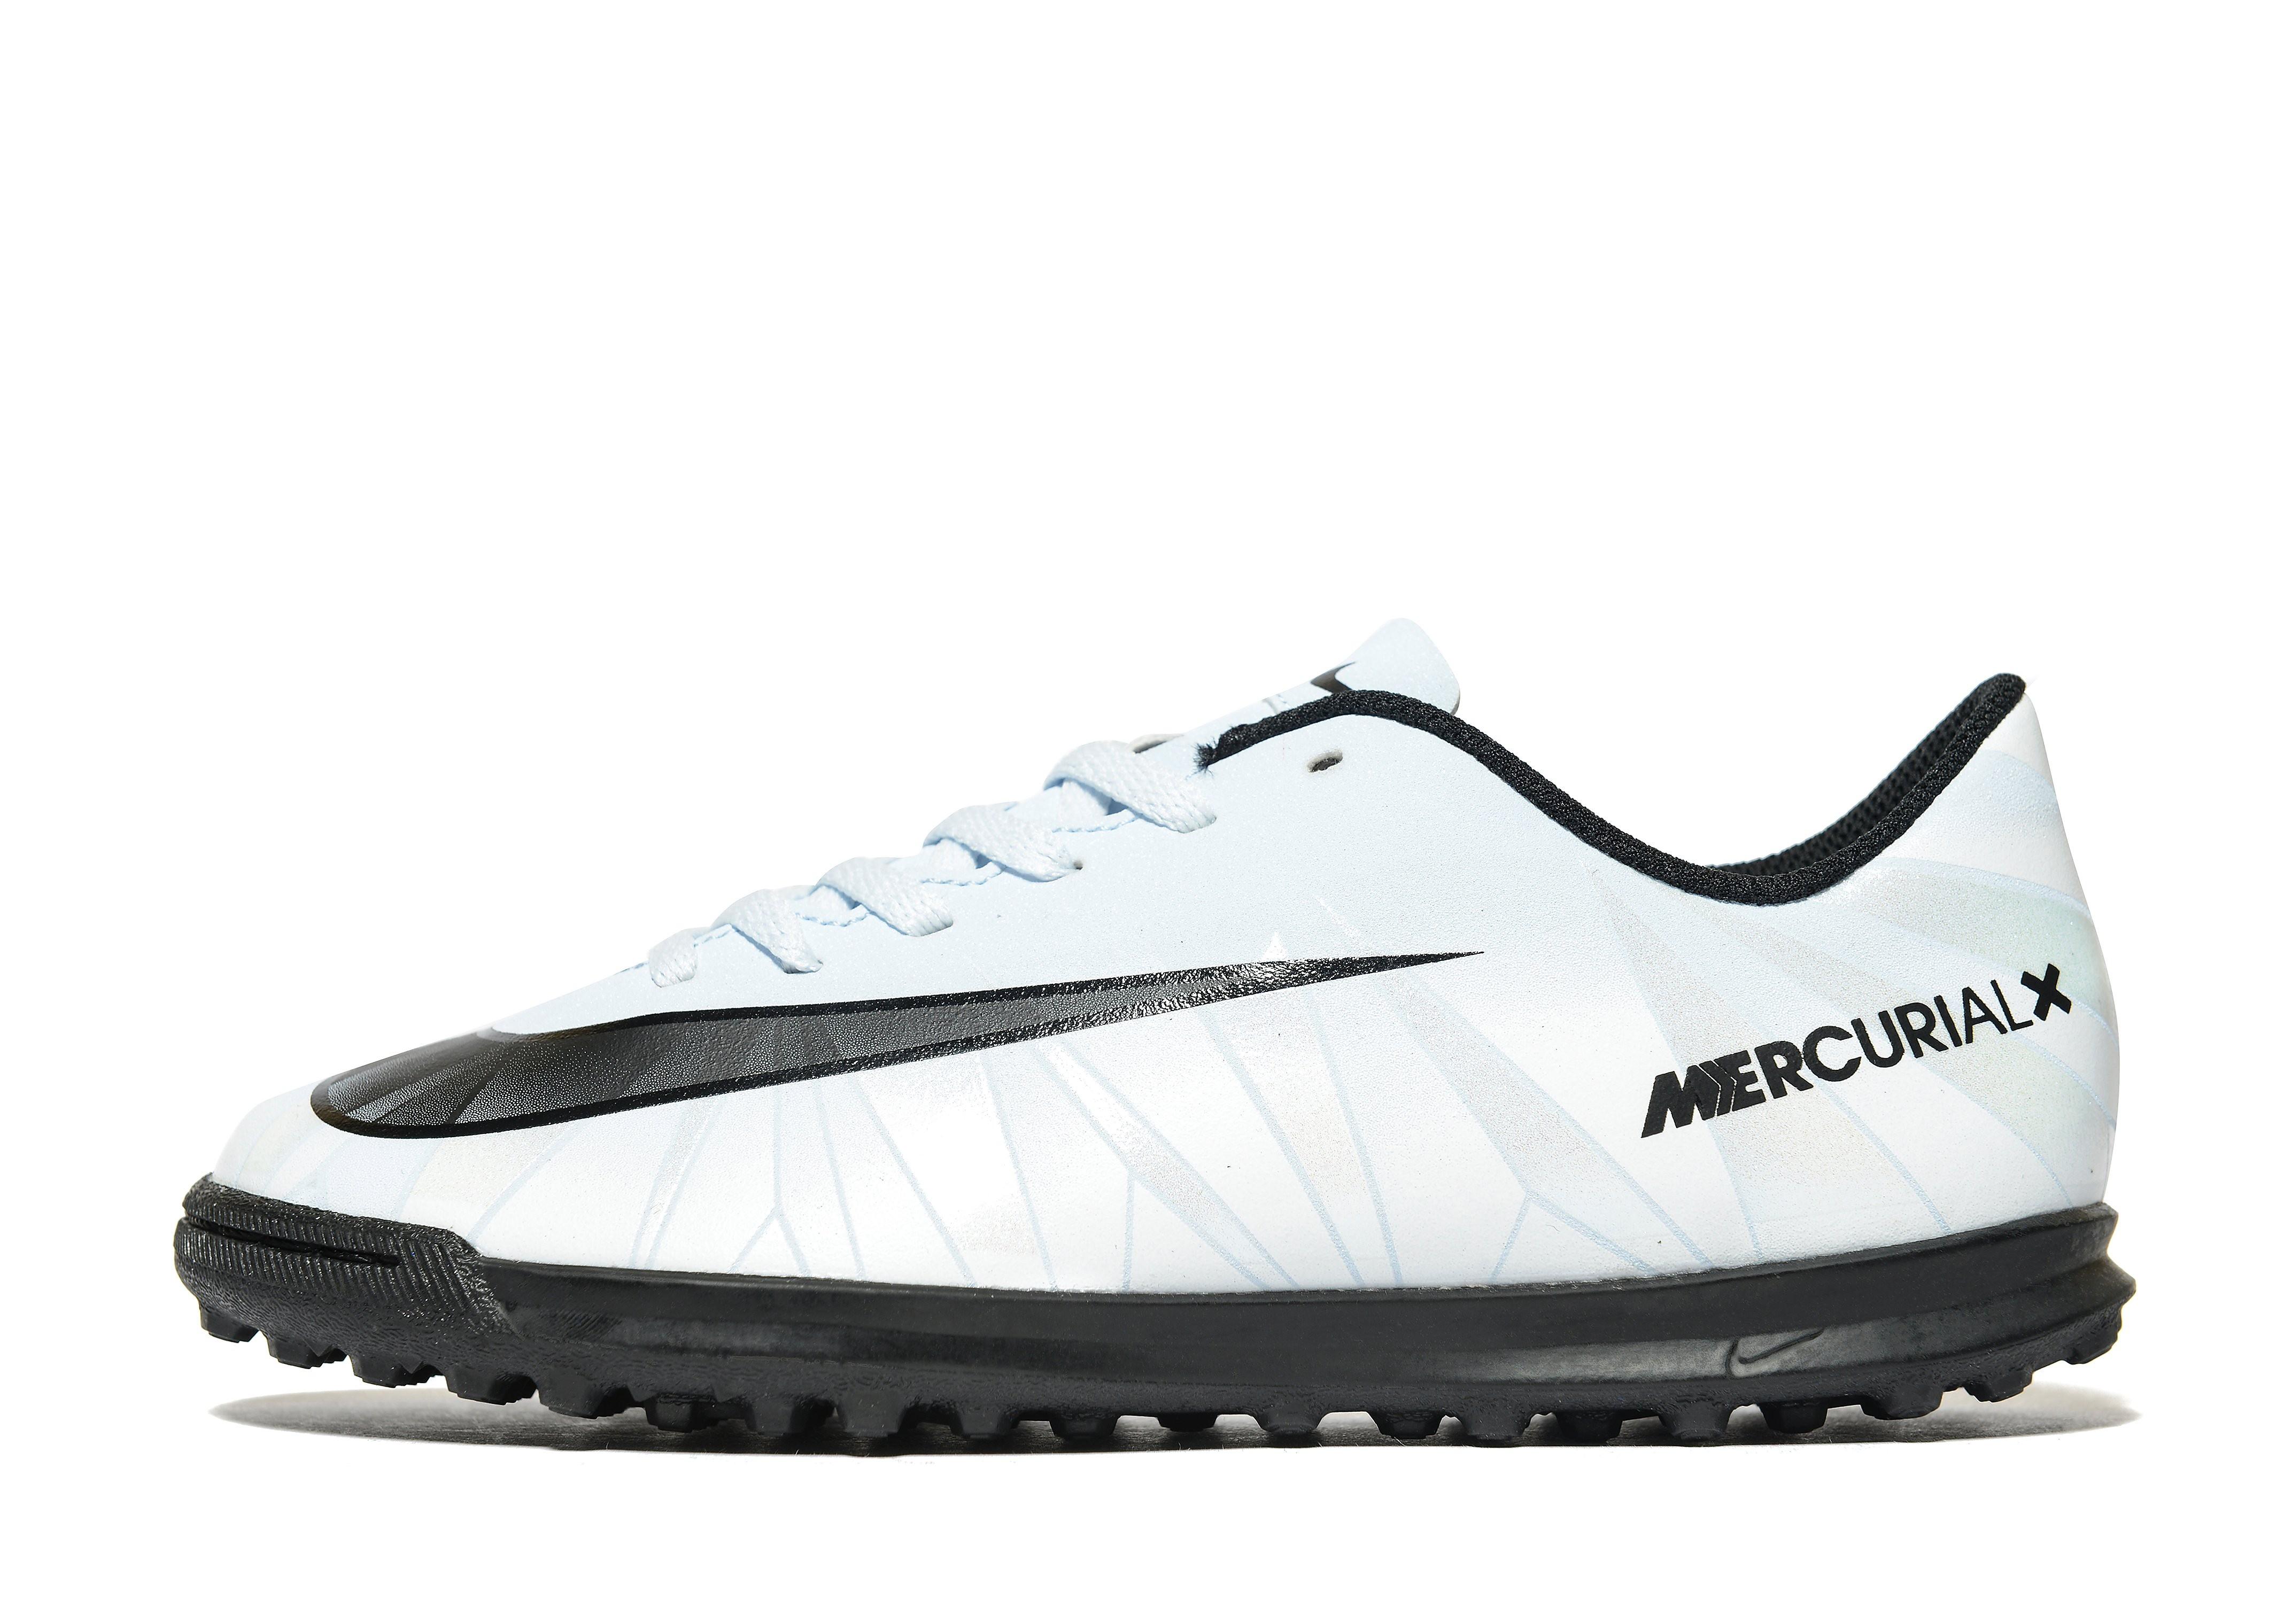 Nike Mercurial Vortex TF CR7 Children